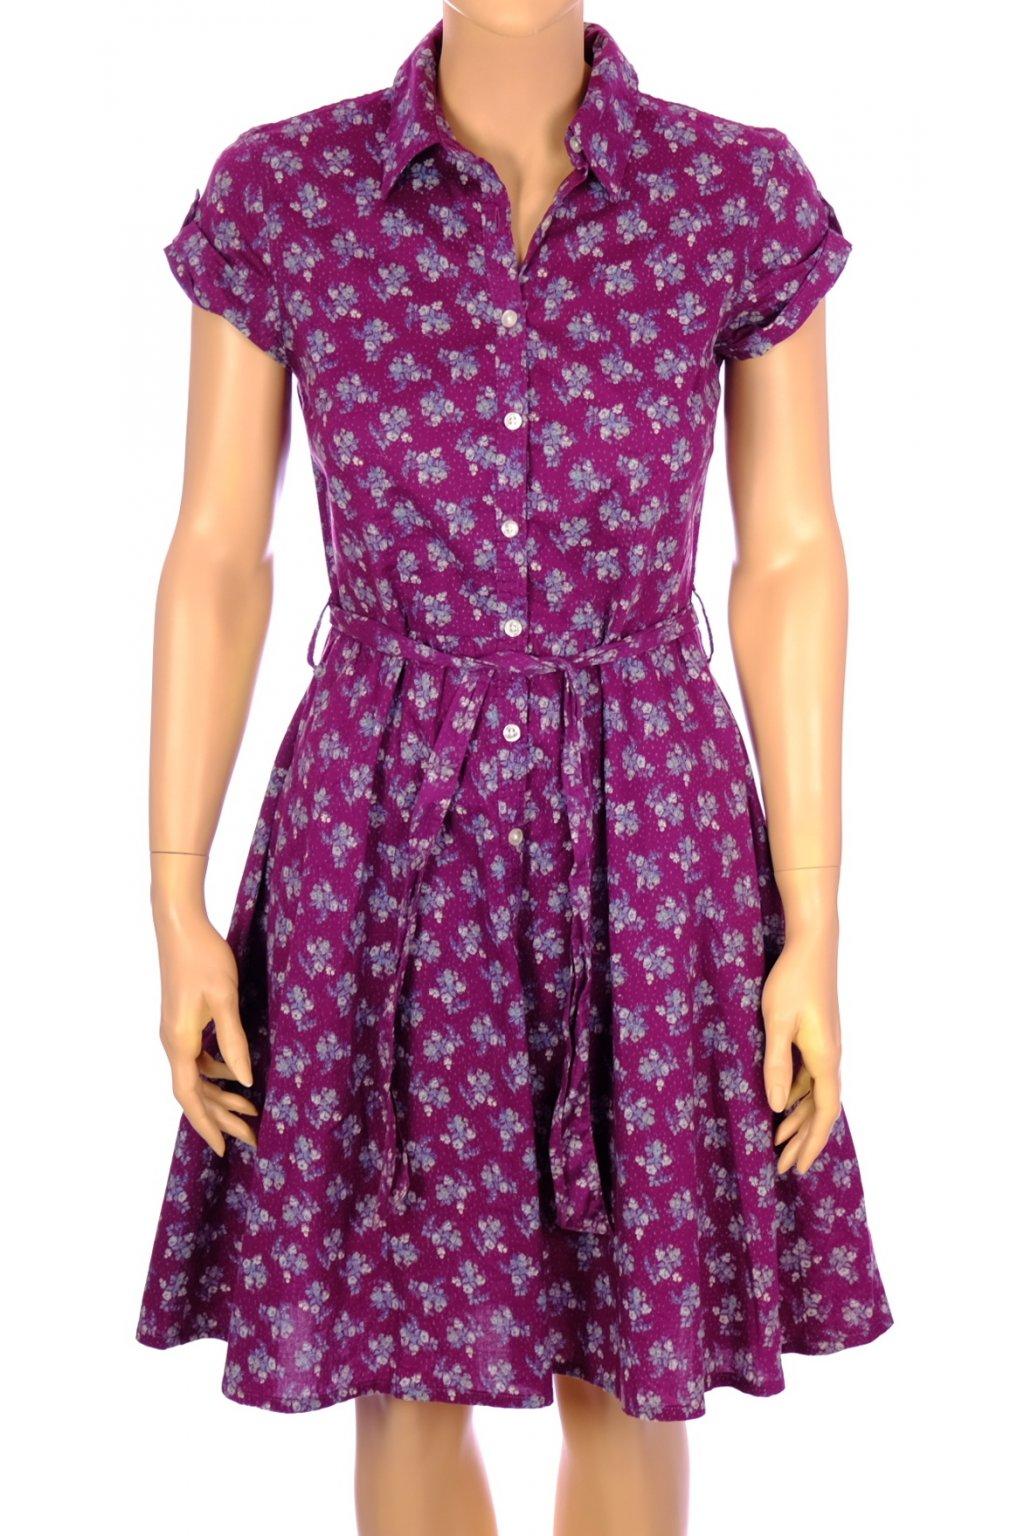 Šaty H&M fialové s květinkami vel XS-S